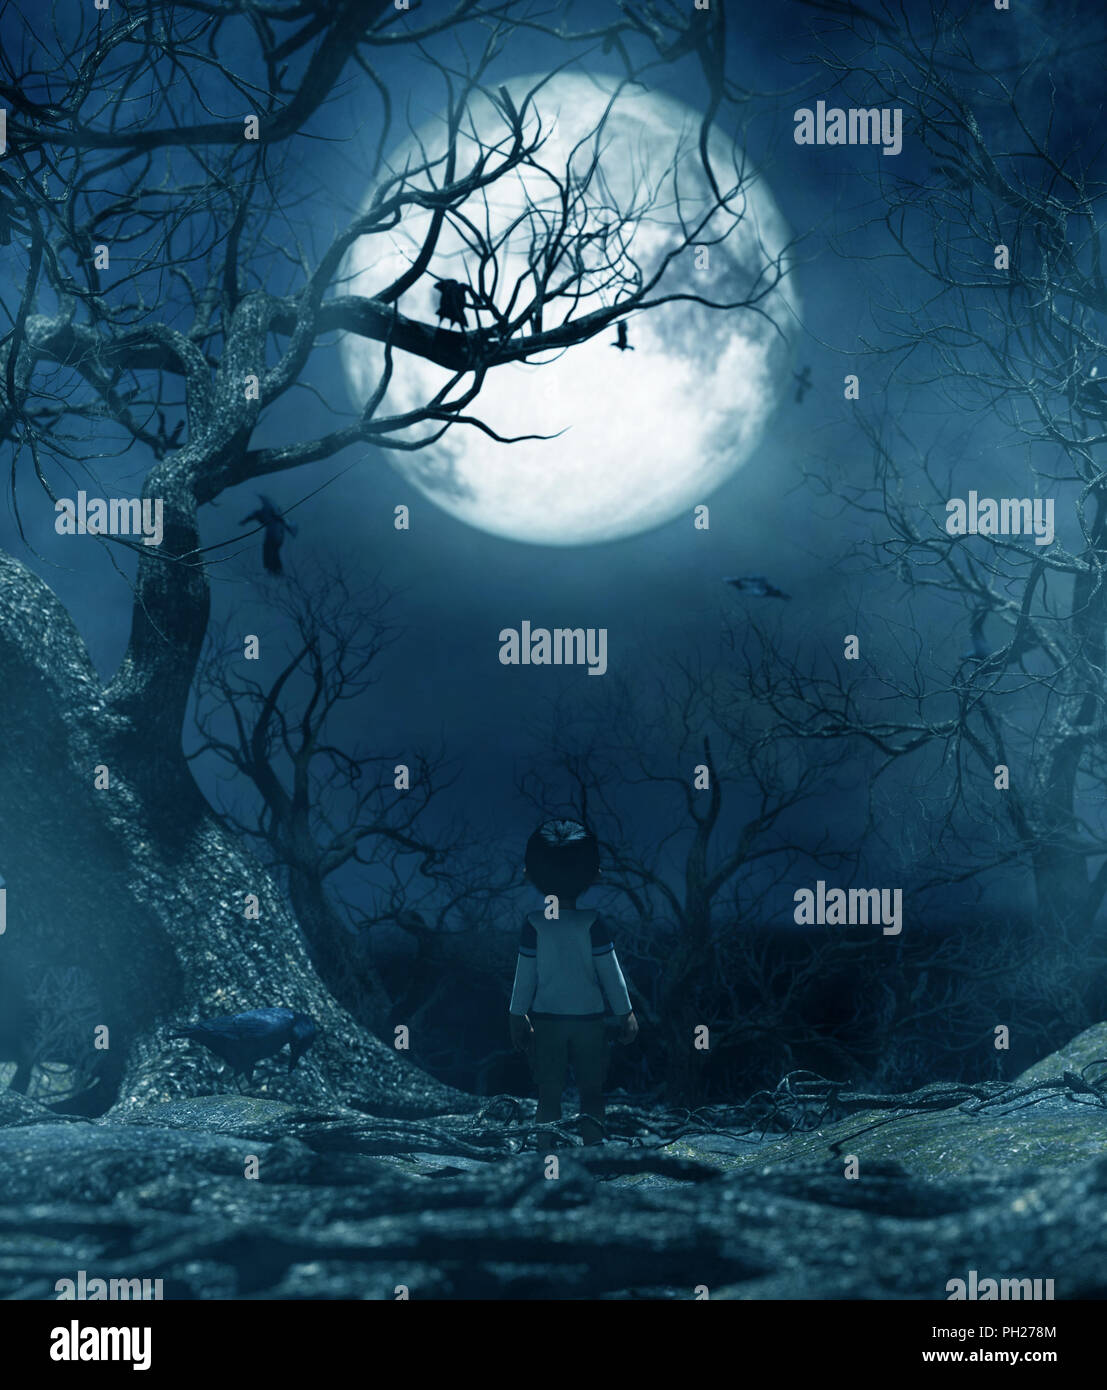 Garçon de marcher seul la nuit au clair de lune,garçon perdu dans la forêt hantée,3d rendering pour couverture de livre ou de l'illustration du livre Photo Stock